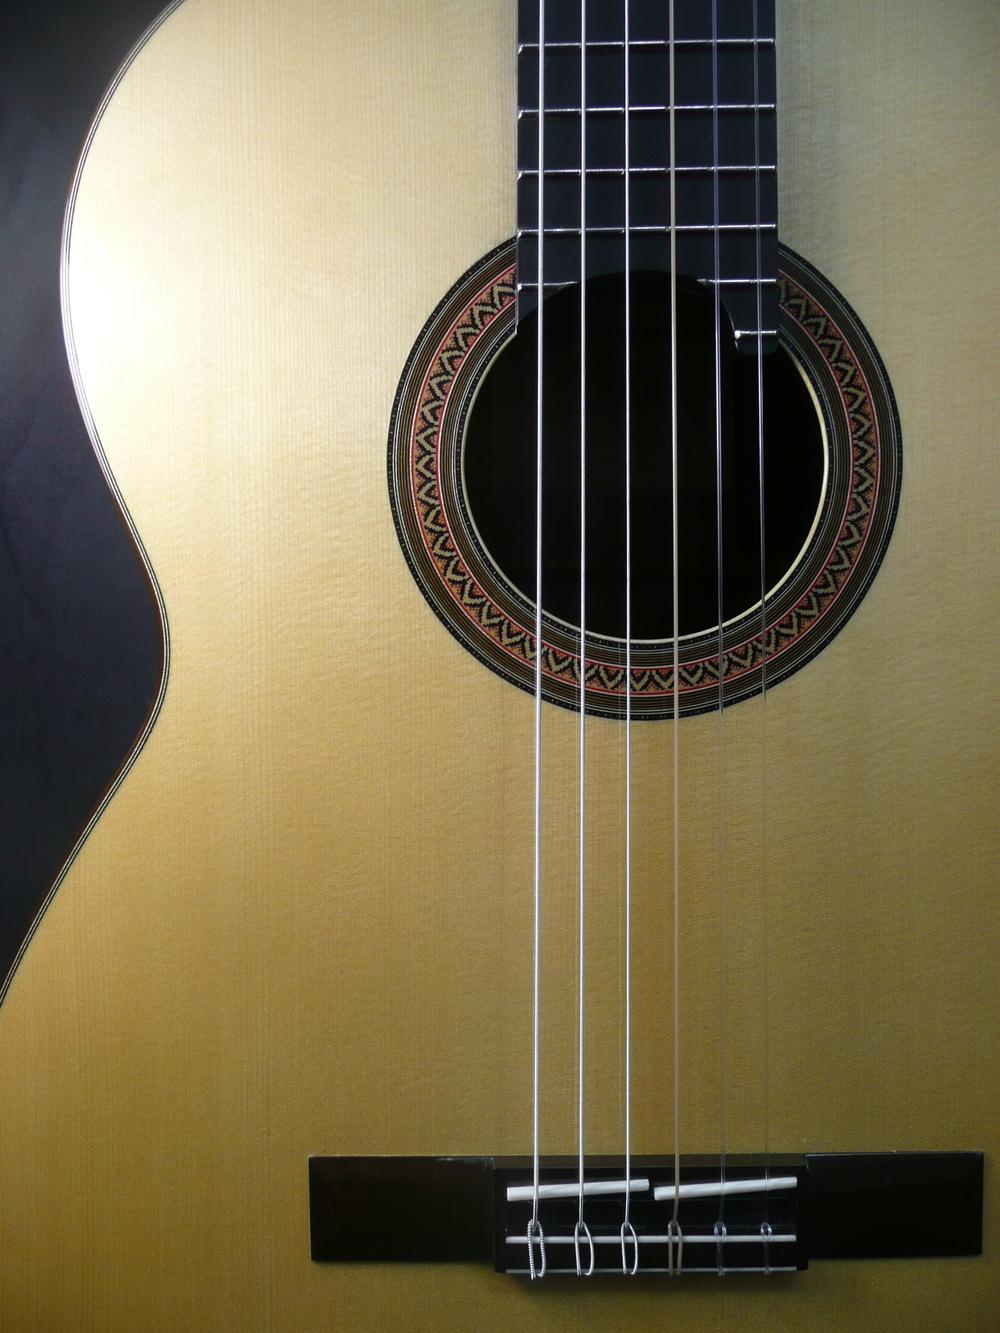 K.Pease guitar 172.jpg